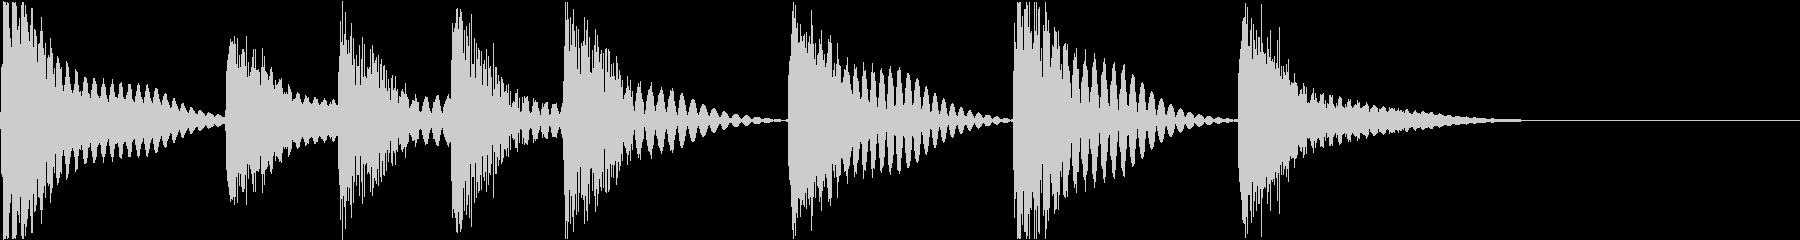 着信音 ループ お知らせ 通知 海 1の未再生の波形